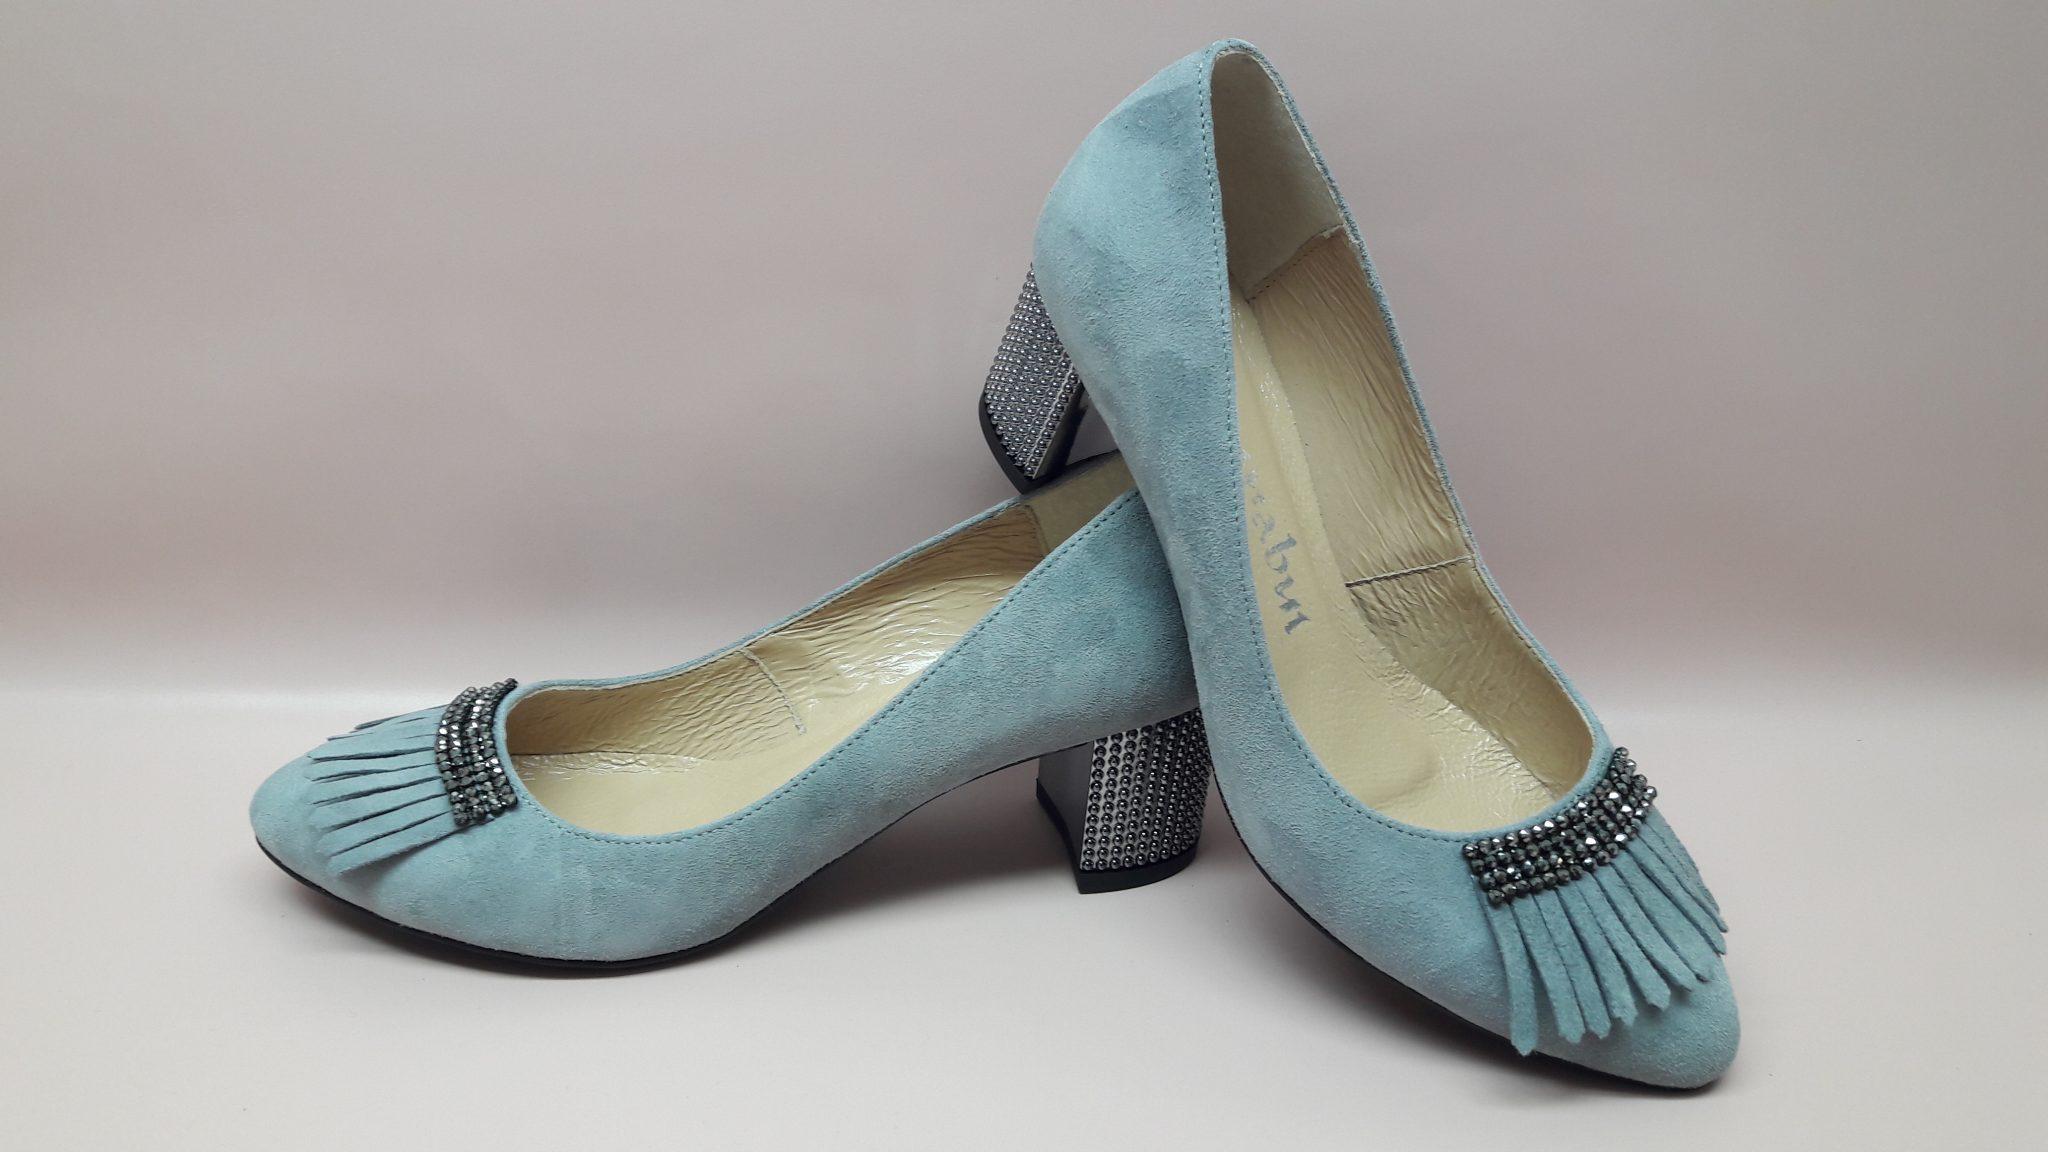 45ec1e25 Wizytowe buty damskie szare czółenka 412 - Gamabut